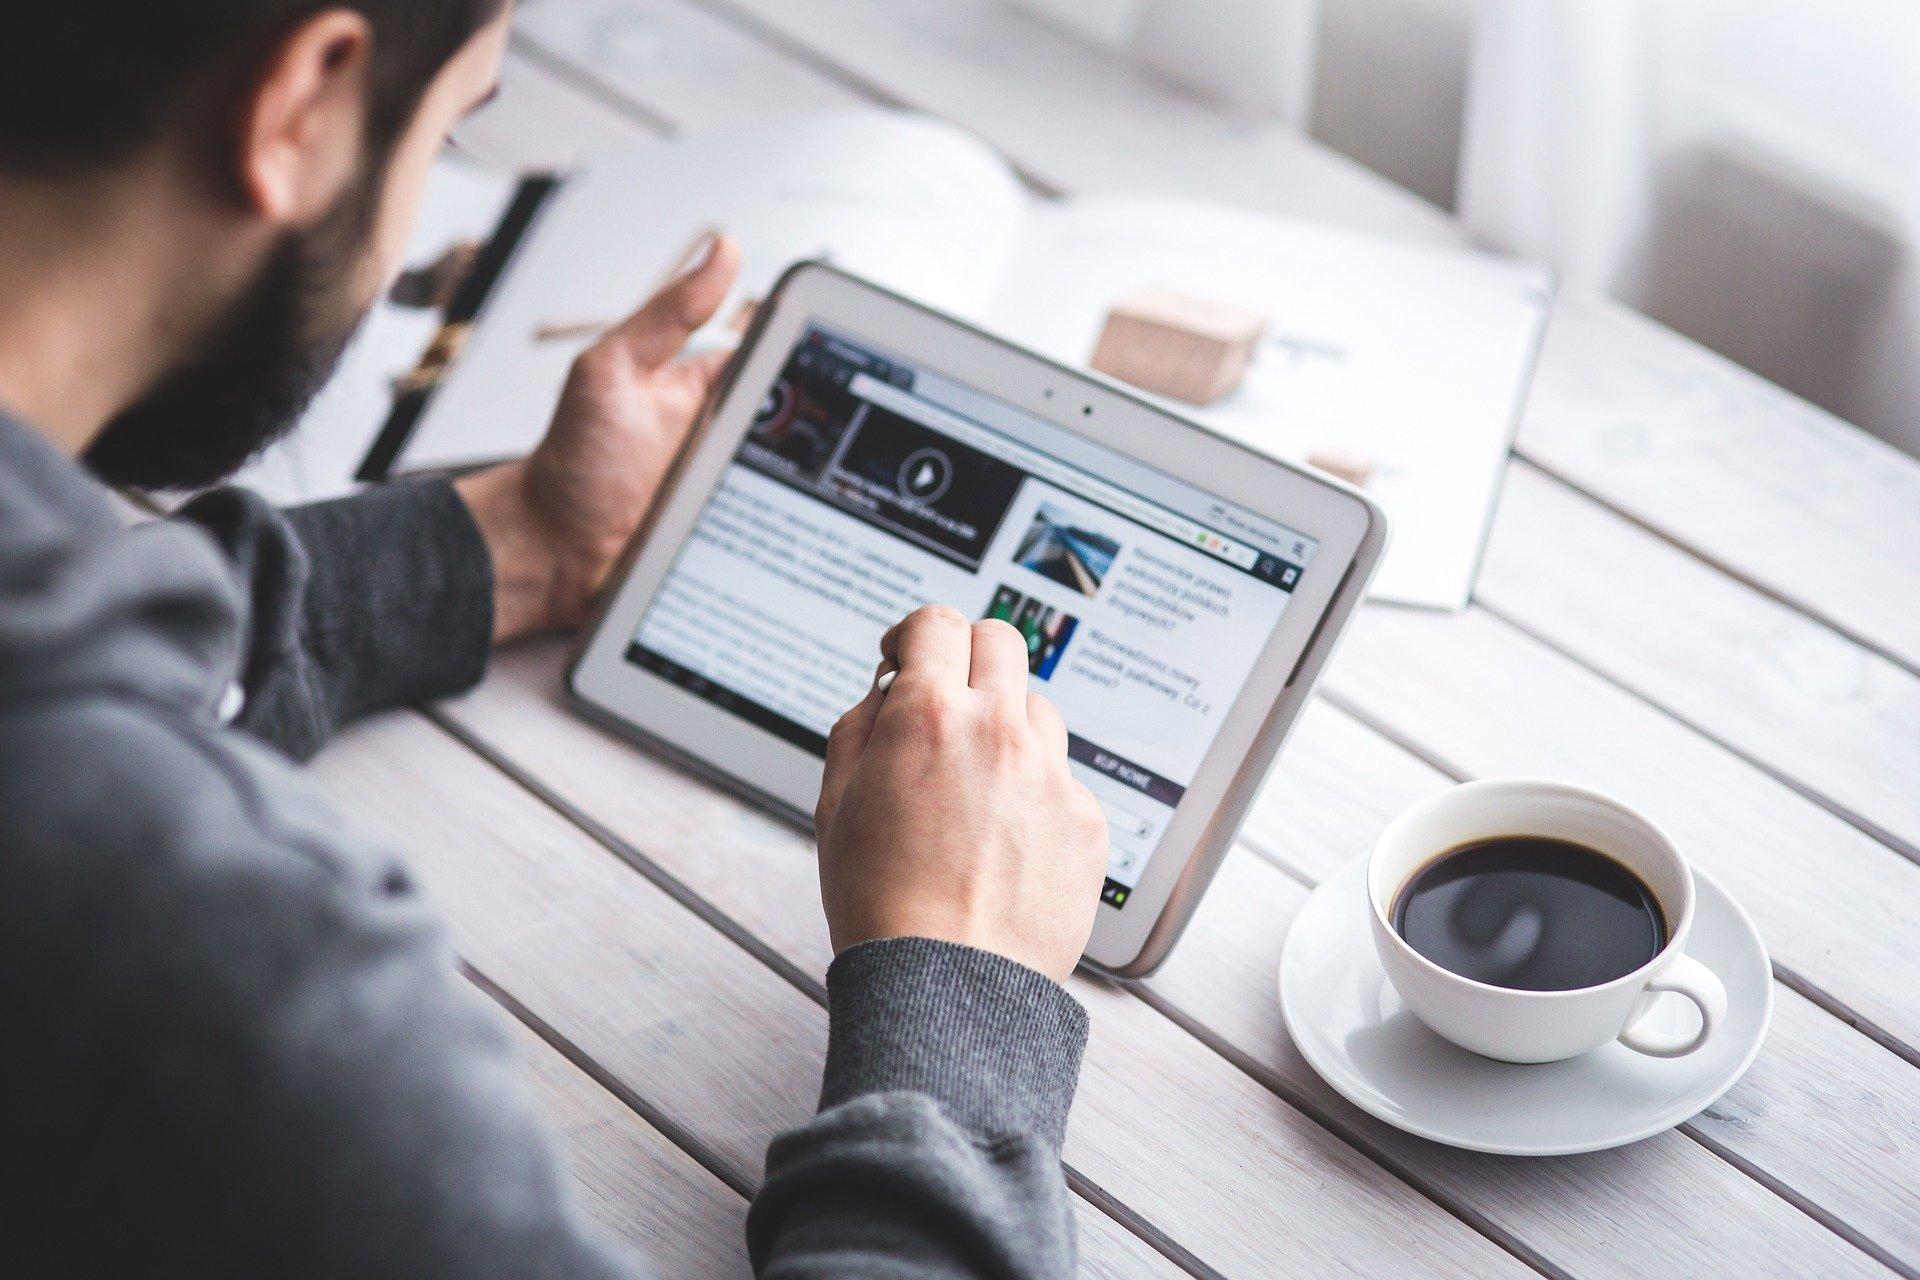 Foto de um homem com blusa social cinza de manga segurando um tablet com a mão esquerda, e utilizando a mão direita para mexer com uma caneta. Ao fundo temos uma mesa da madeira branca, com um livro aberto e uma xícara de café. Imagem ilustrativa para texto franquia de seguradora.